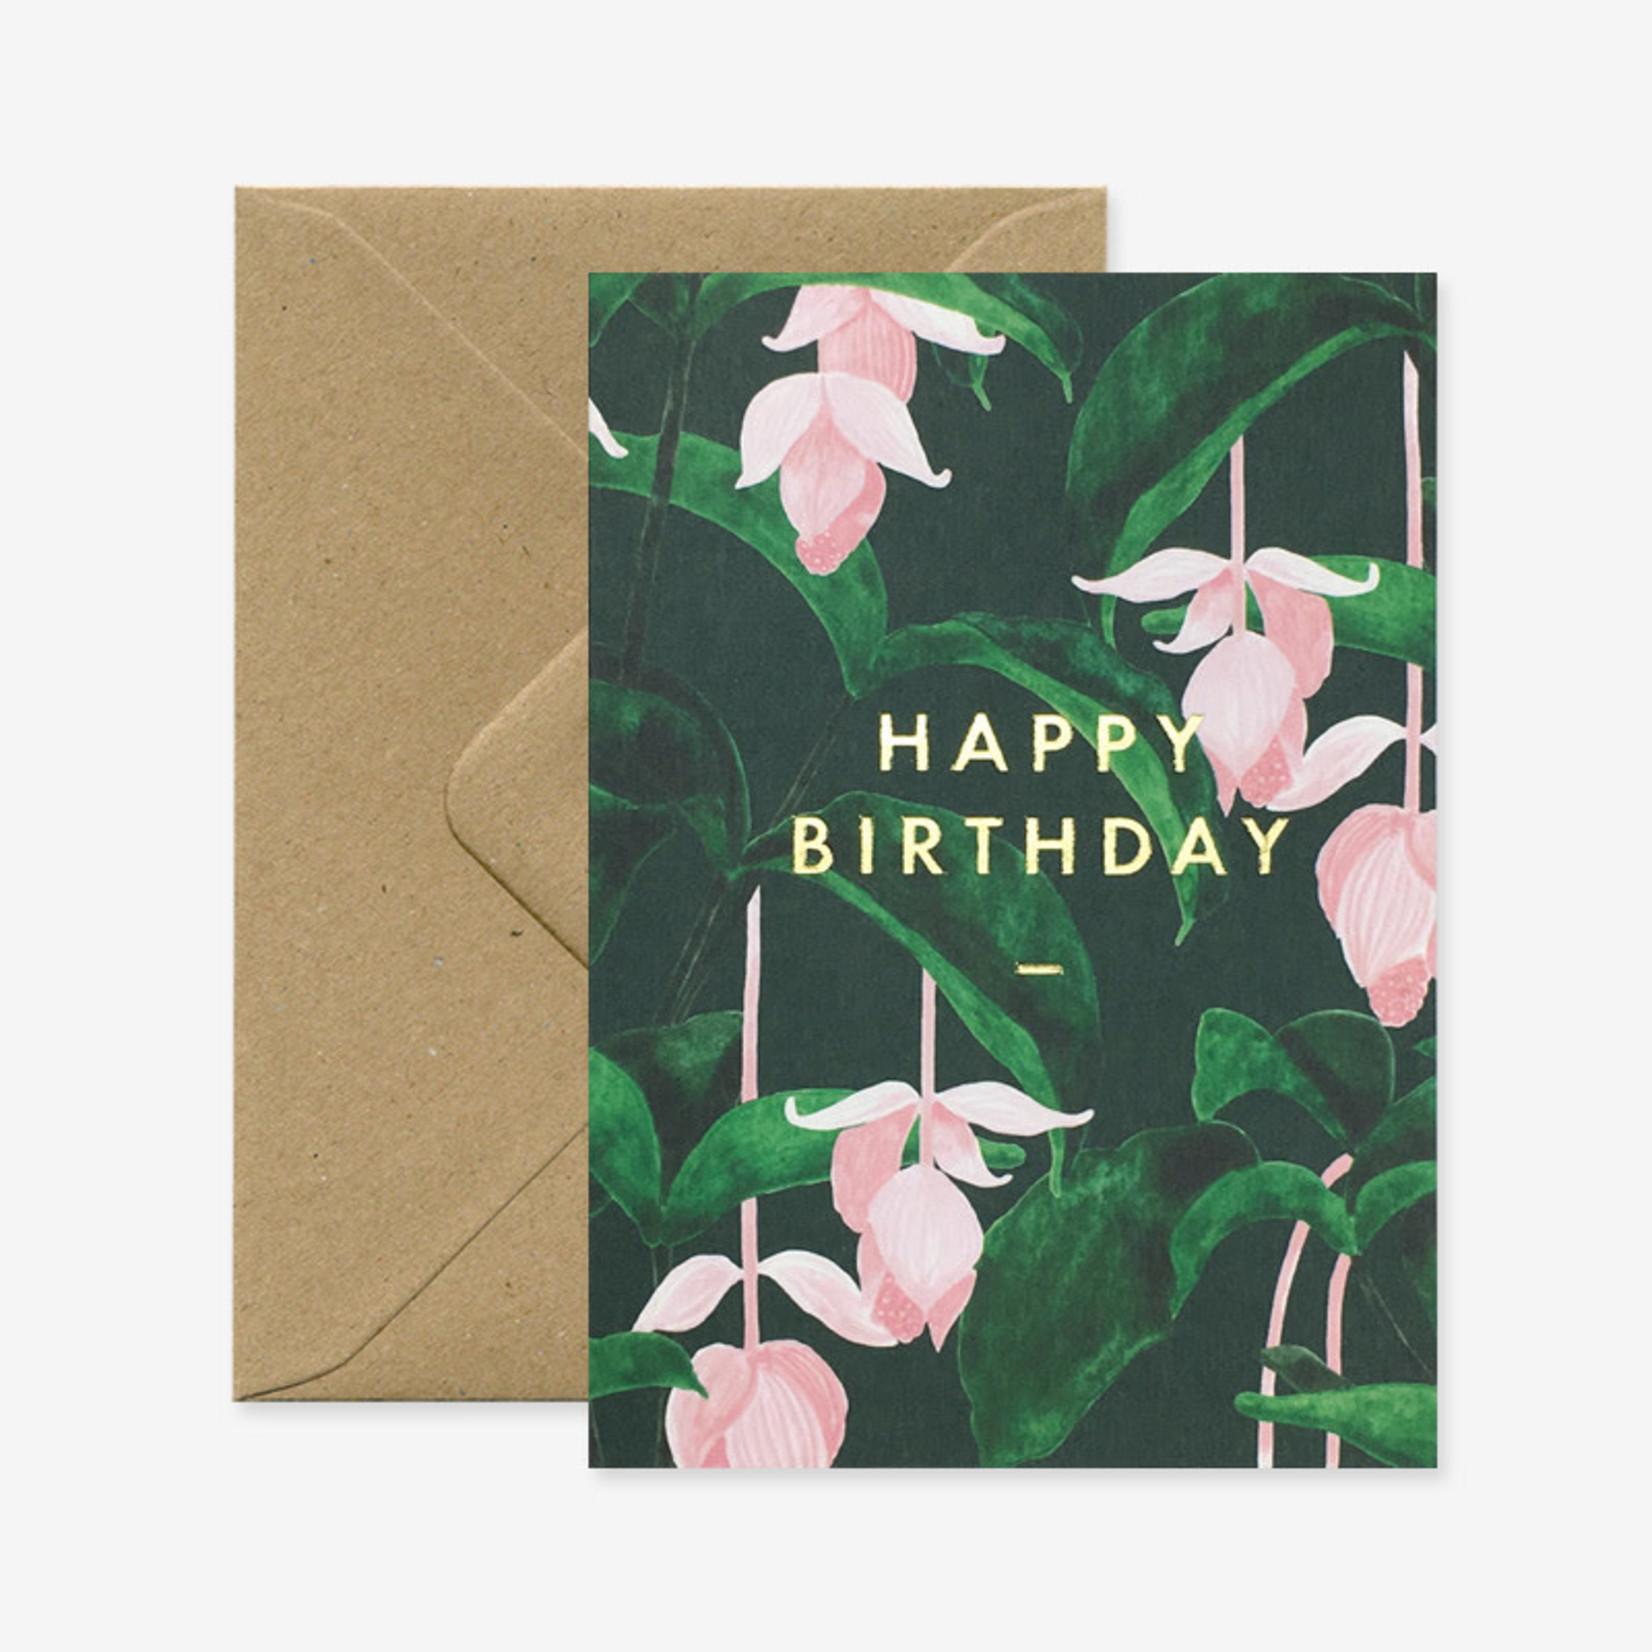 All the ways to say Wenskaart: Happy Birthday Medinilla